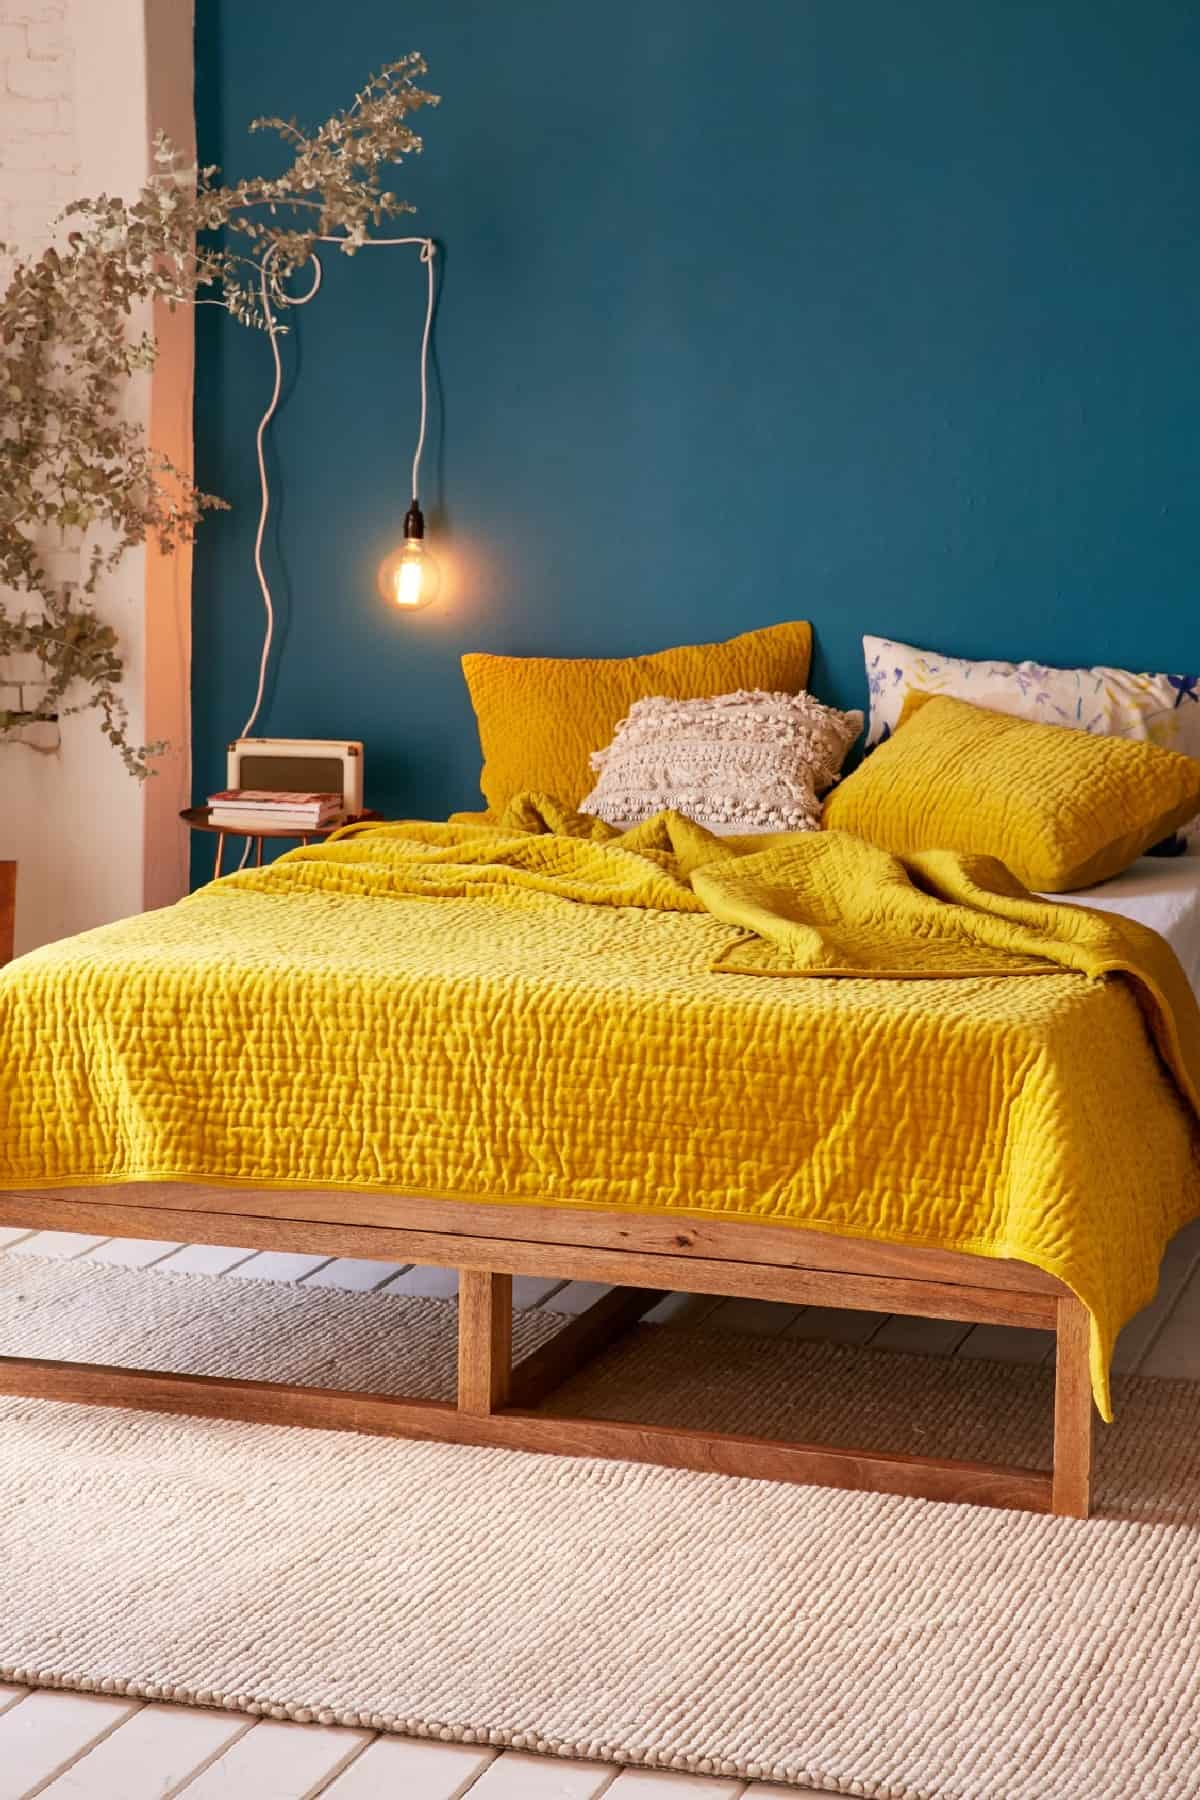 Tüm Gün Büyüleyici Parlak ve Yatak Odası İçin Sarı Renk Kullanmanın Çekici Yolları Hardal sarısı